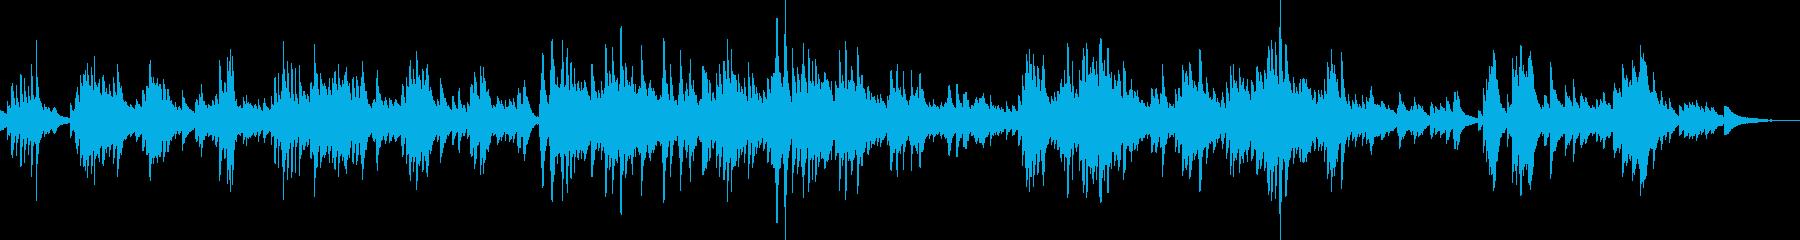 大人の哀愁漂うピアノ曲の再生済みの波形